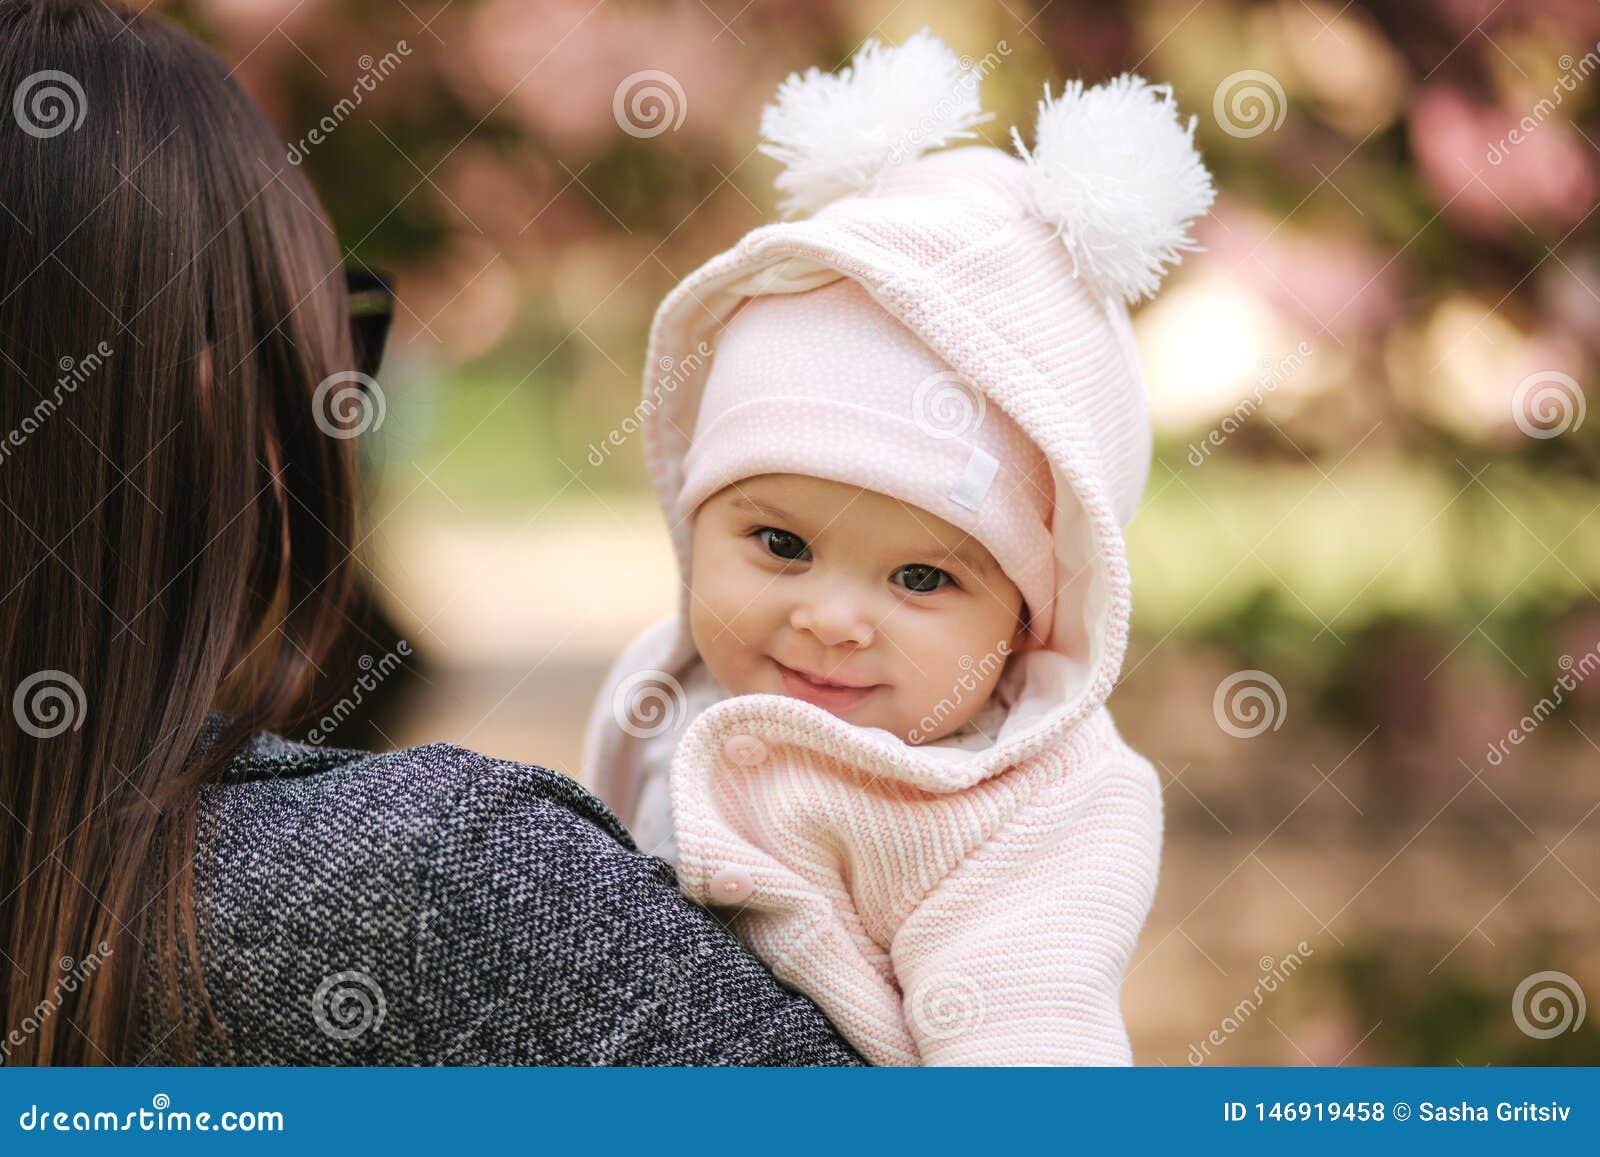 Πορτρέτο χαριτωμένου λίγο κοριτσάκι έξω με το mom beautiful girl smile Πέντε μηνών μωρό Ευτυχής οικογένεια